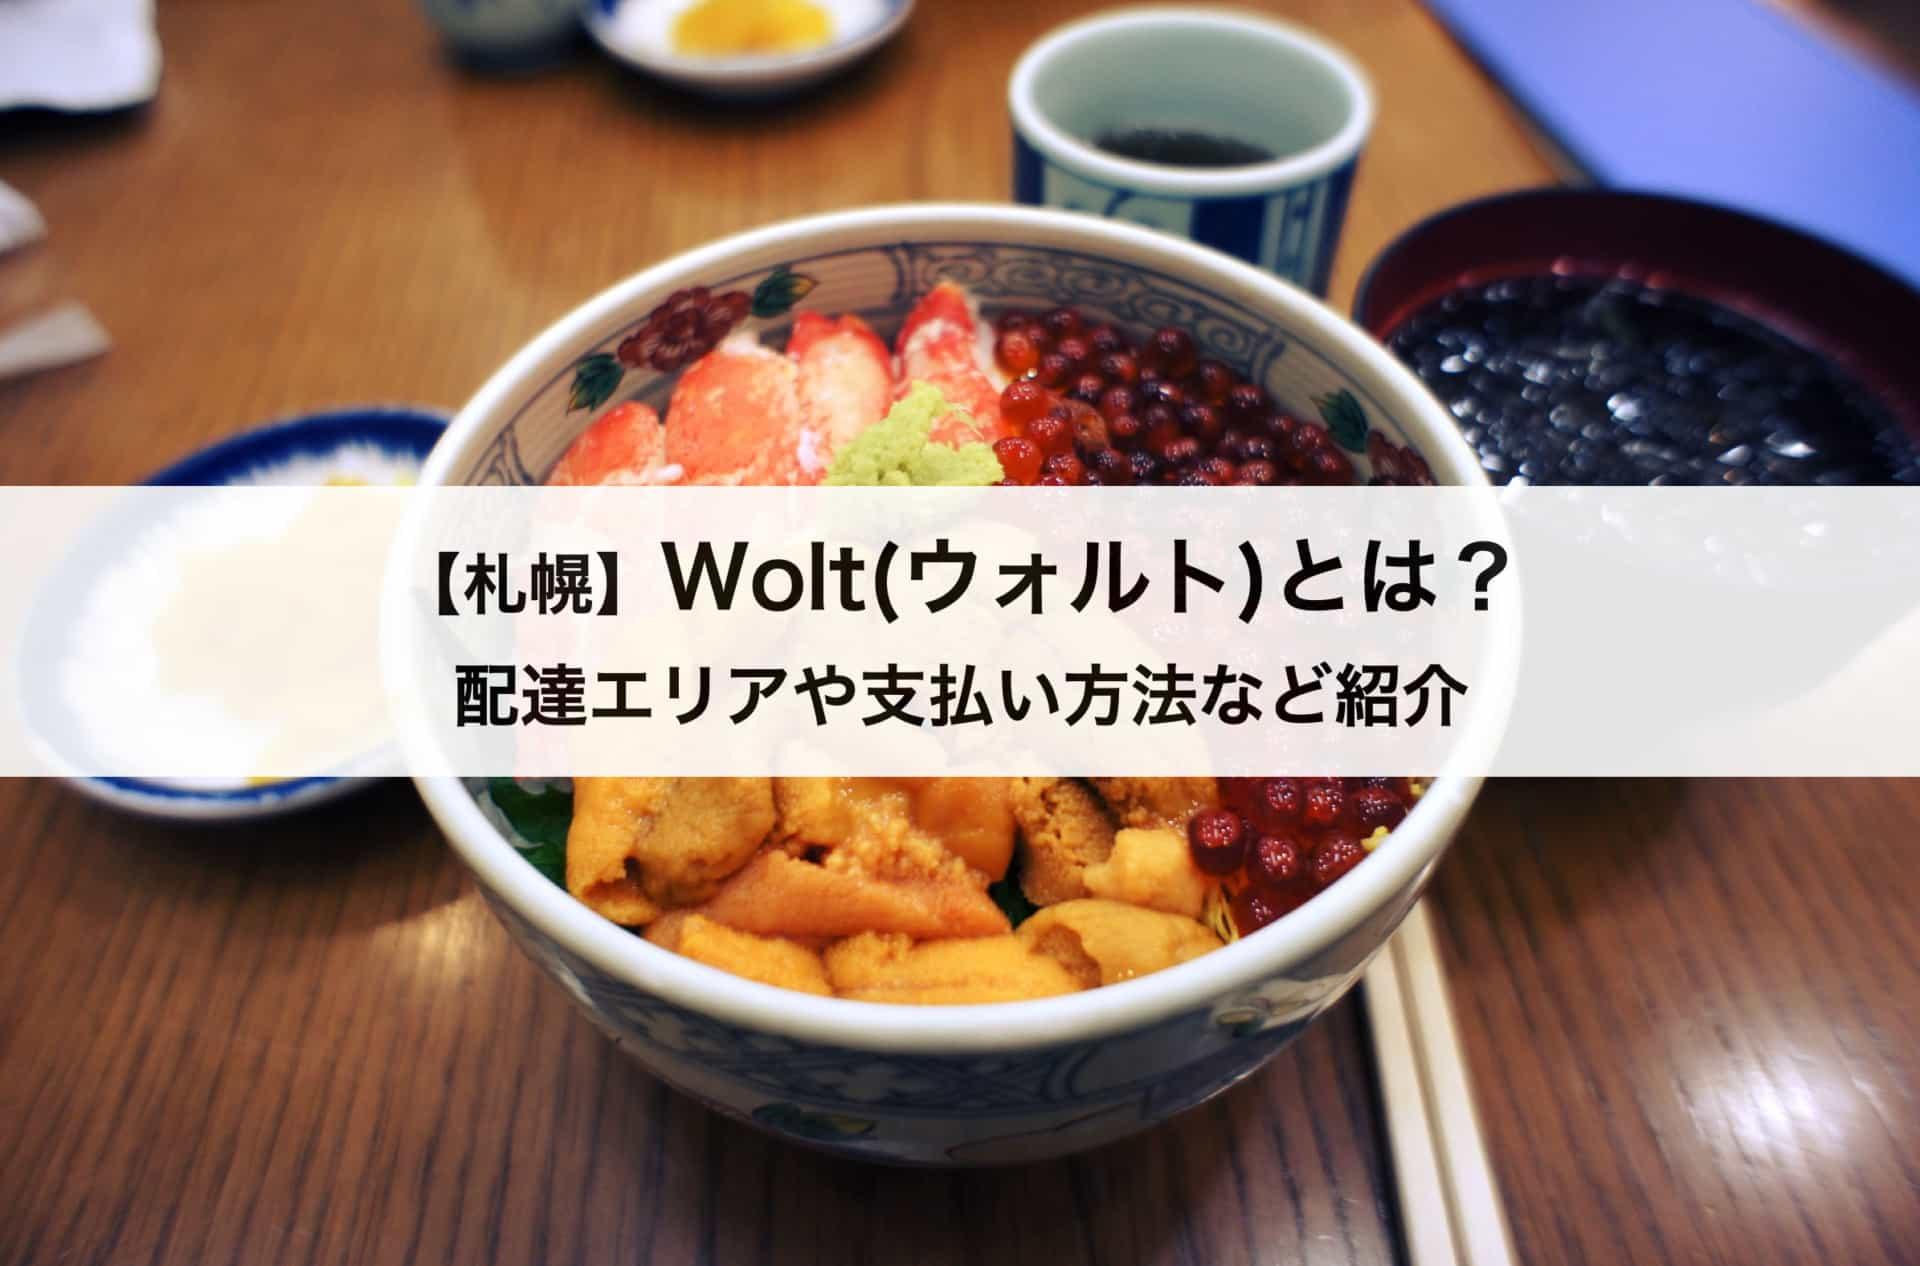 【札幌】Wolt(ウォルト)とは?デリバリーの配達エリアや支払い方法なども紹介します!